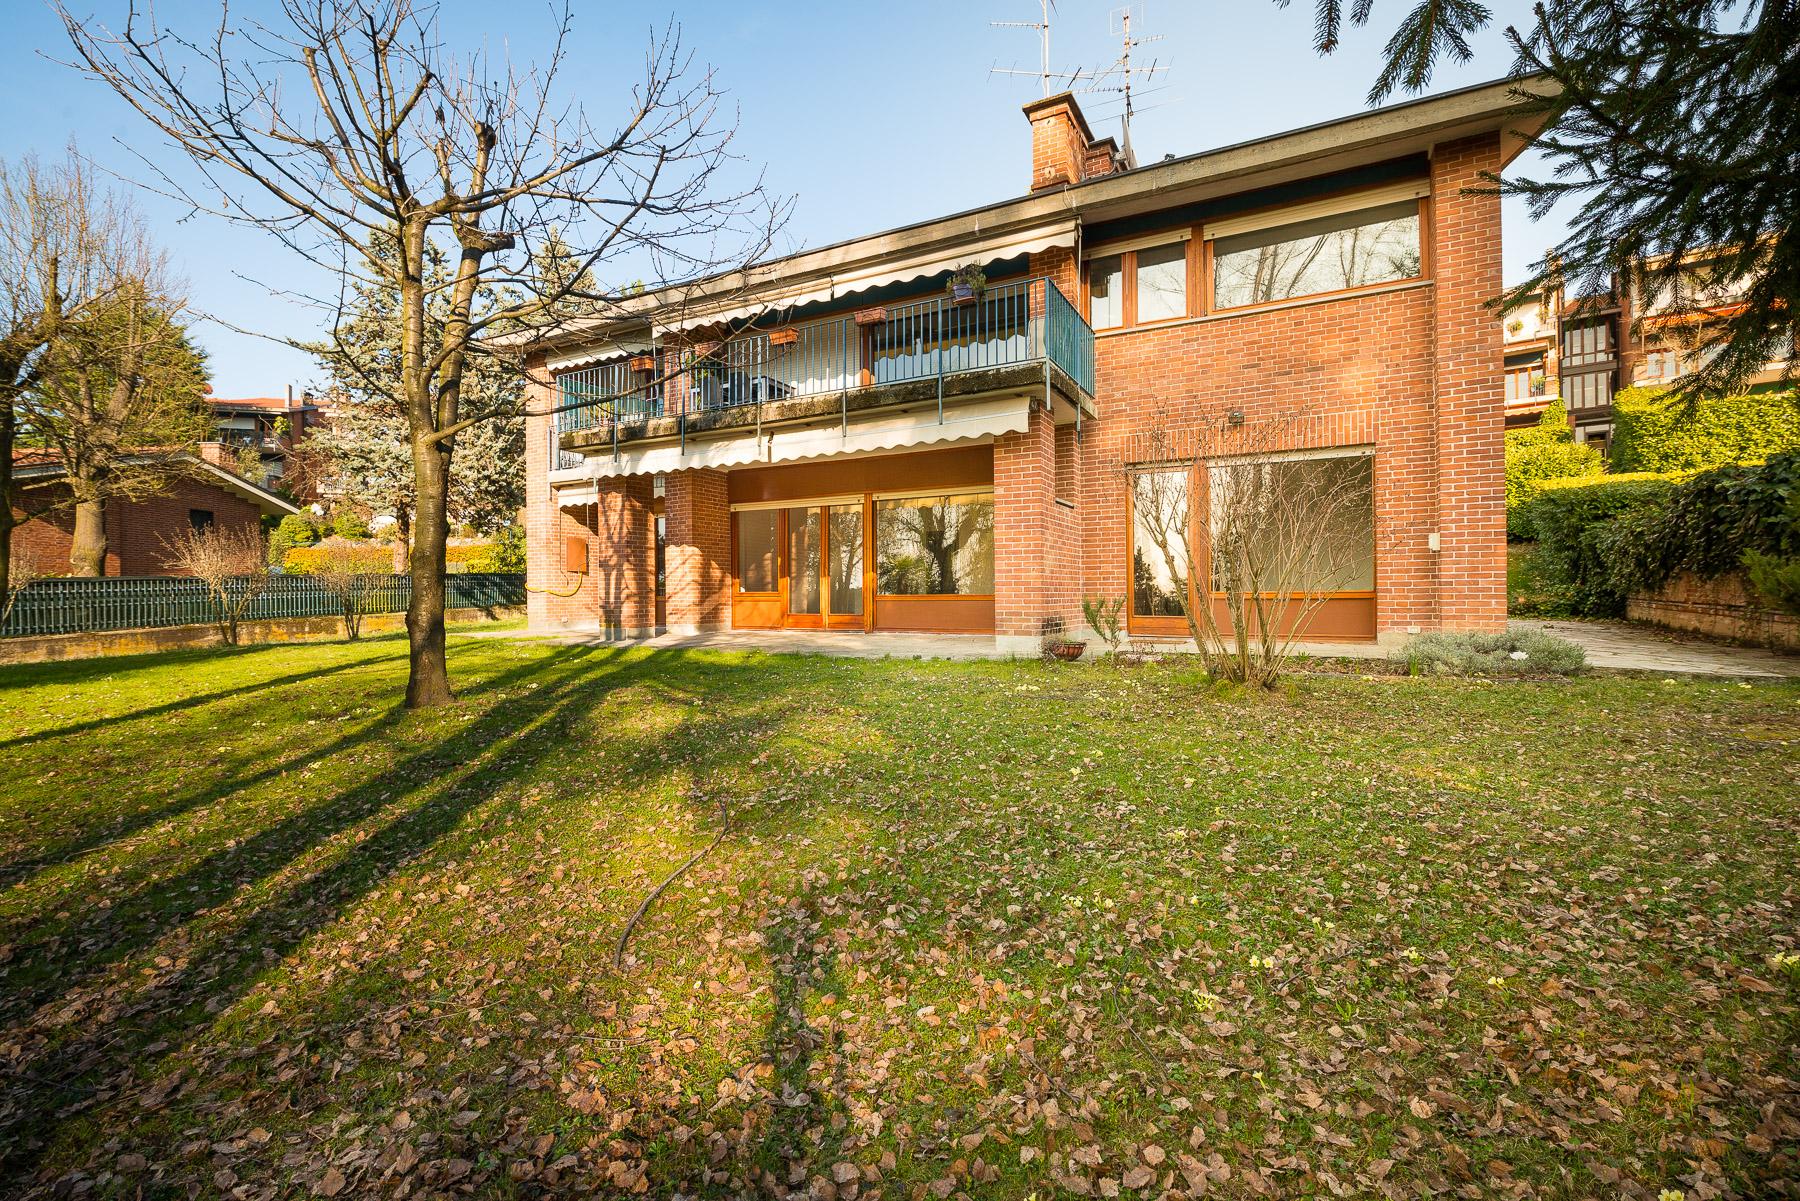 Appartamento in Vendita a Torino: 5 locali, 160 mq - Foto 1